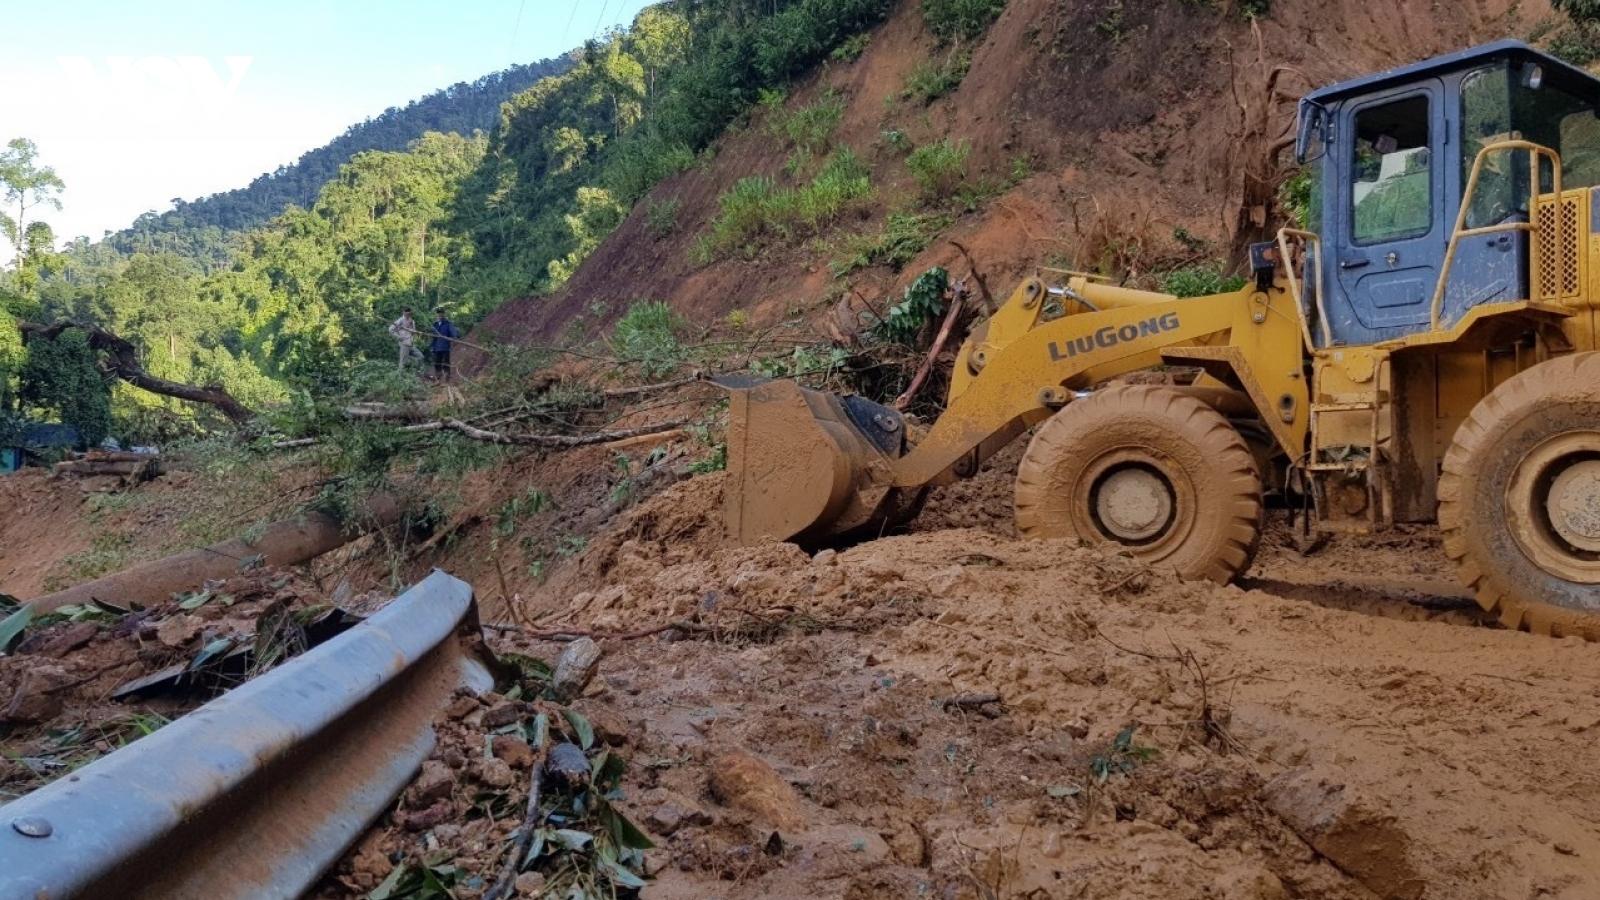 Cảnh báo lũ quét, sạt lở đất và ngập úng cục bộ các tỉnh Bắc bộ, Trung bộ